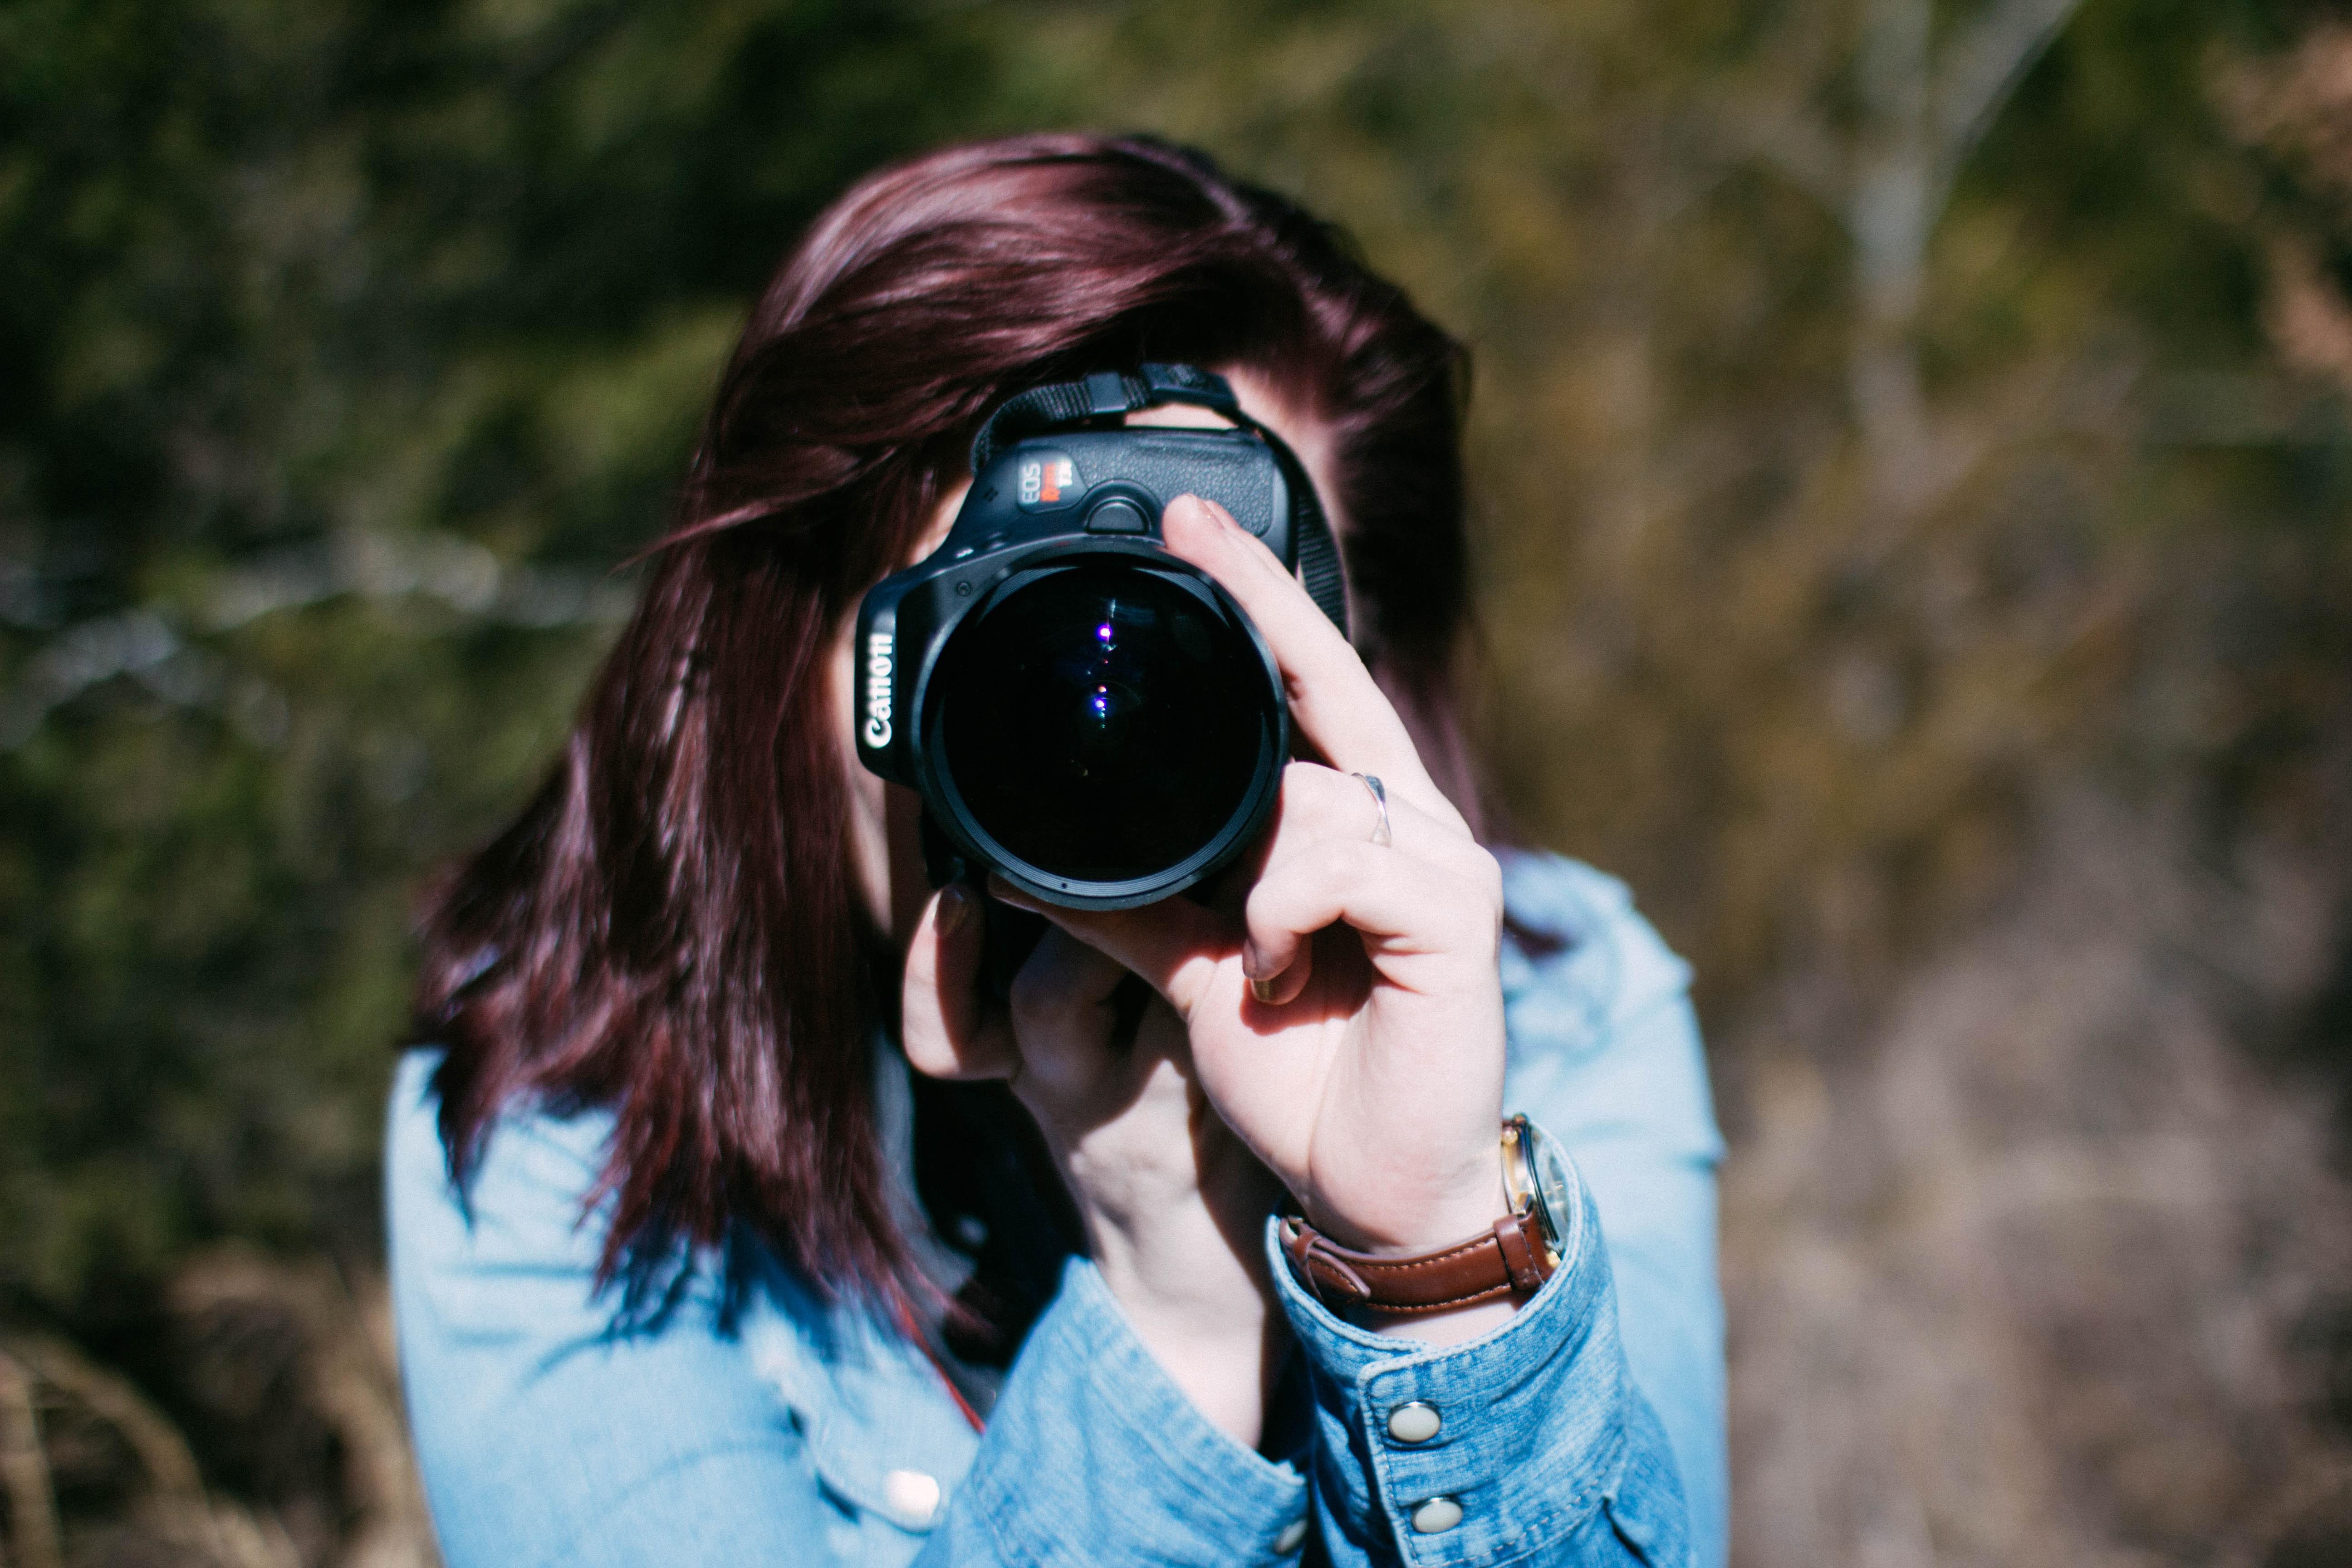 blur-camera-canon-179045